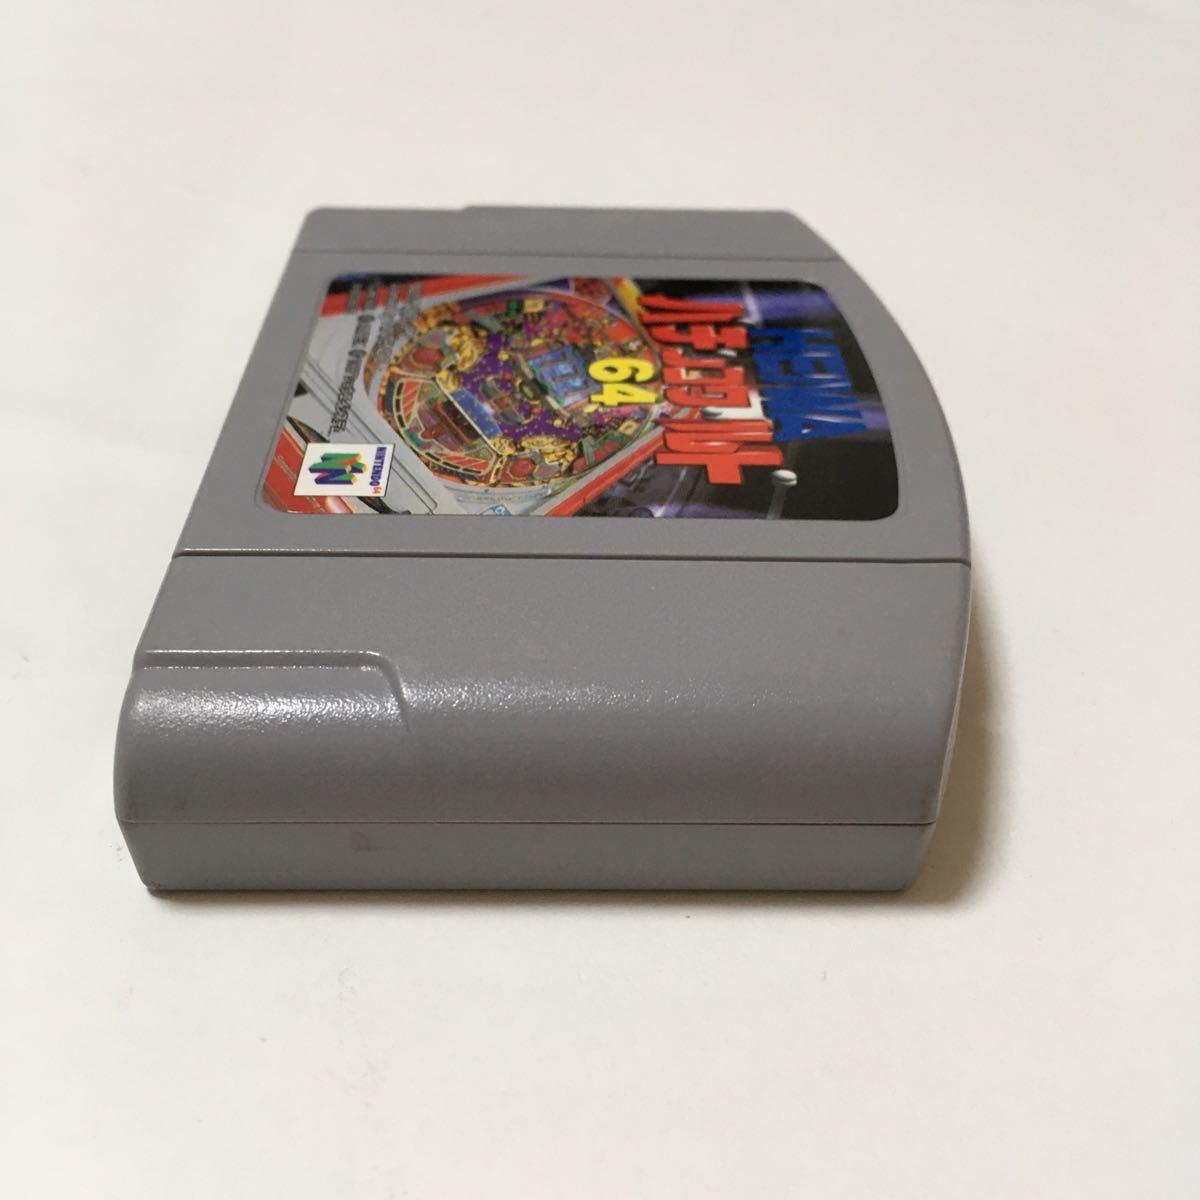 ニンテンドー64 ソフト HEIWA パチンコワールド64 動作確認済み ギャンブル レトロ ゲーム 任天堂